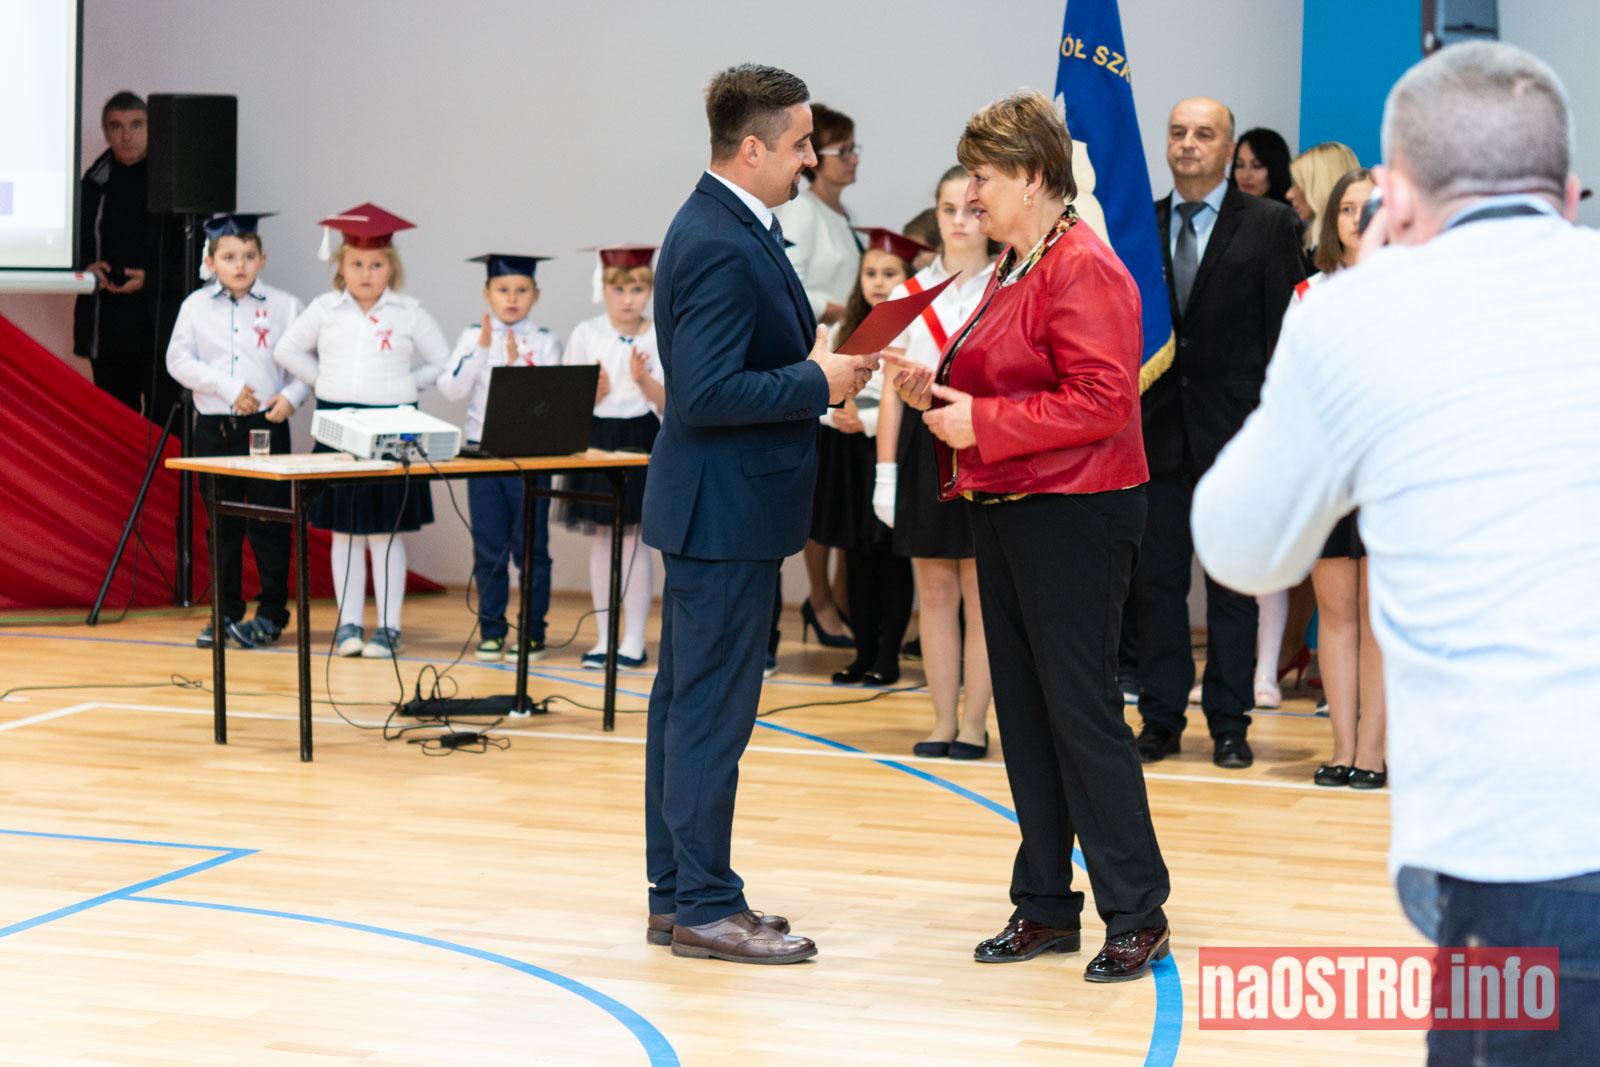 NaOSTRO Otwarcie Szkoły w Bałtowie-132